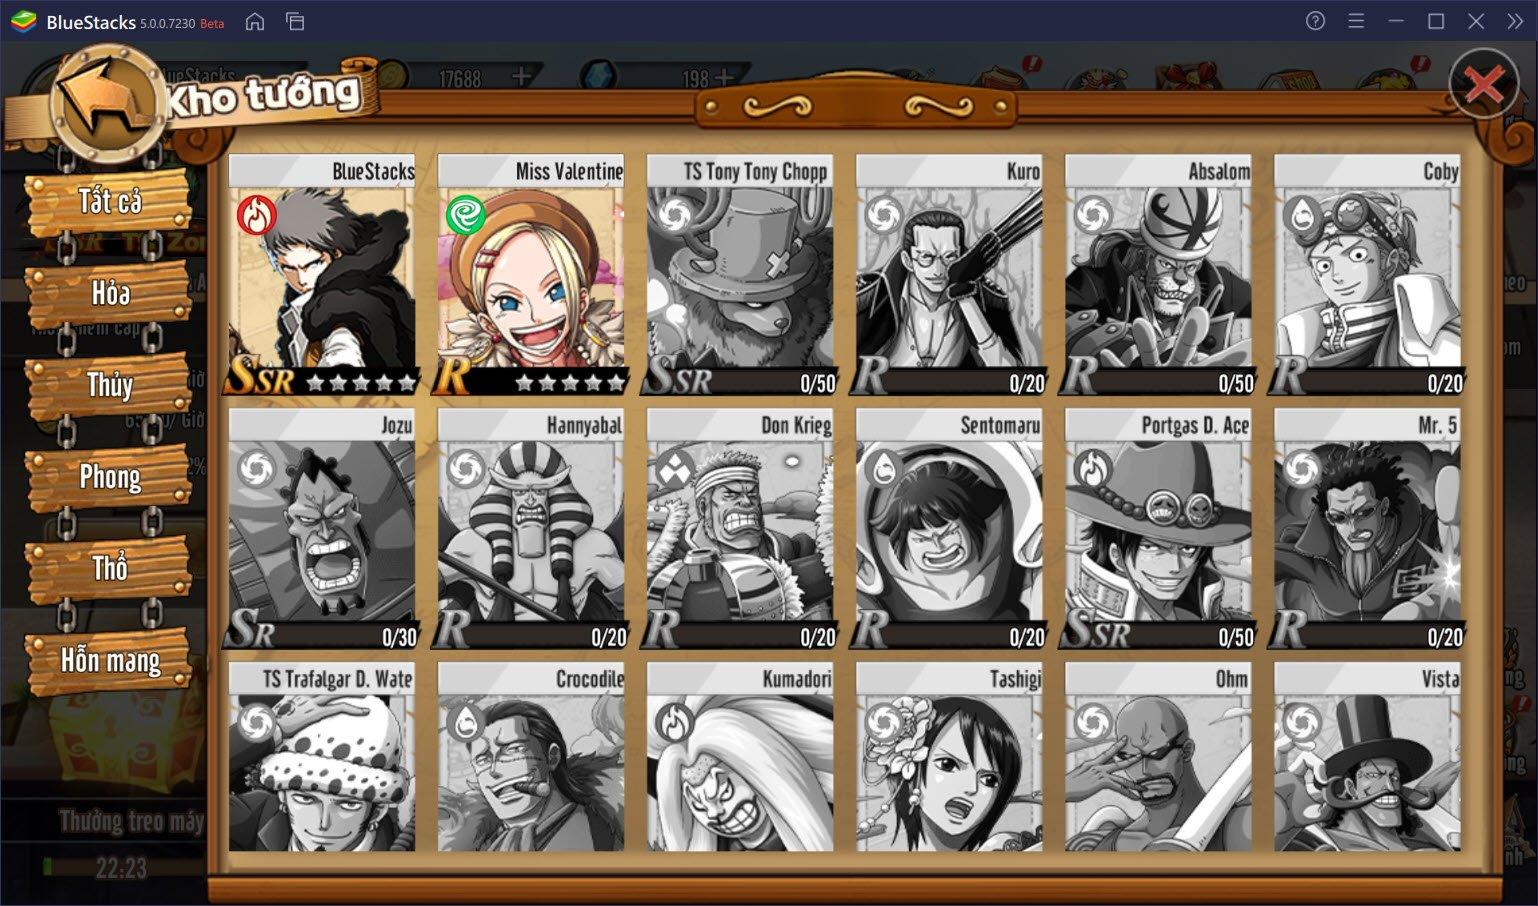 Bạn sẽ trở thành hải tặc nào trong Thời Đại Hải Tặc?